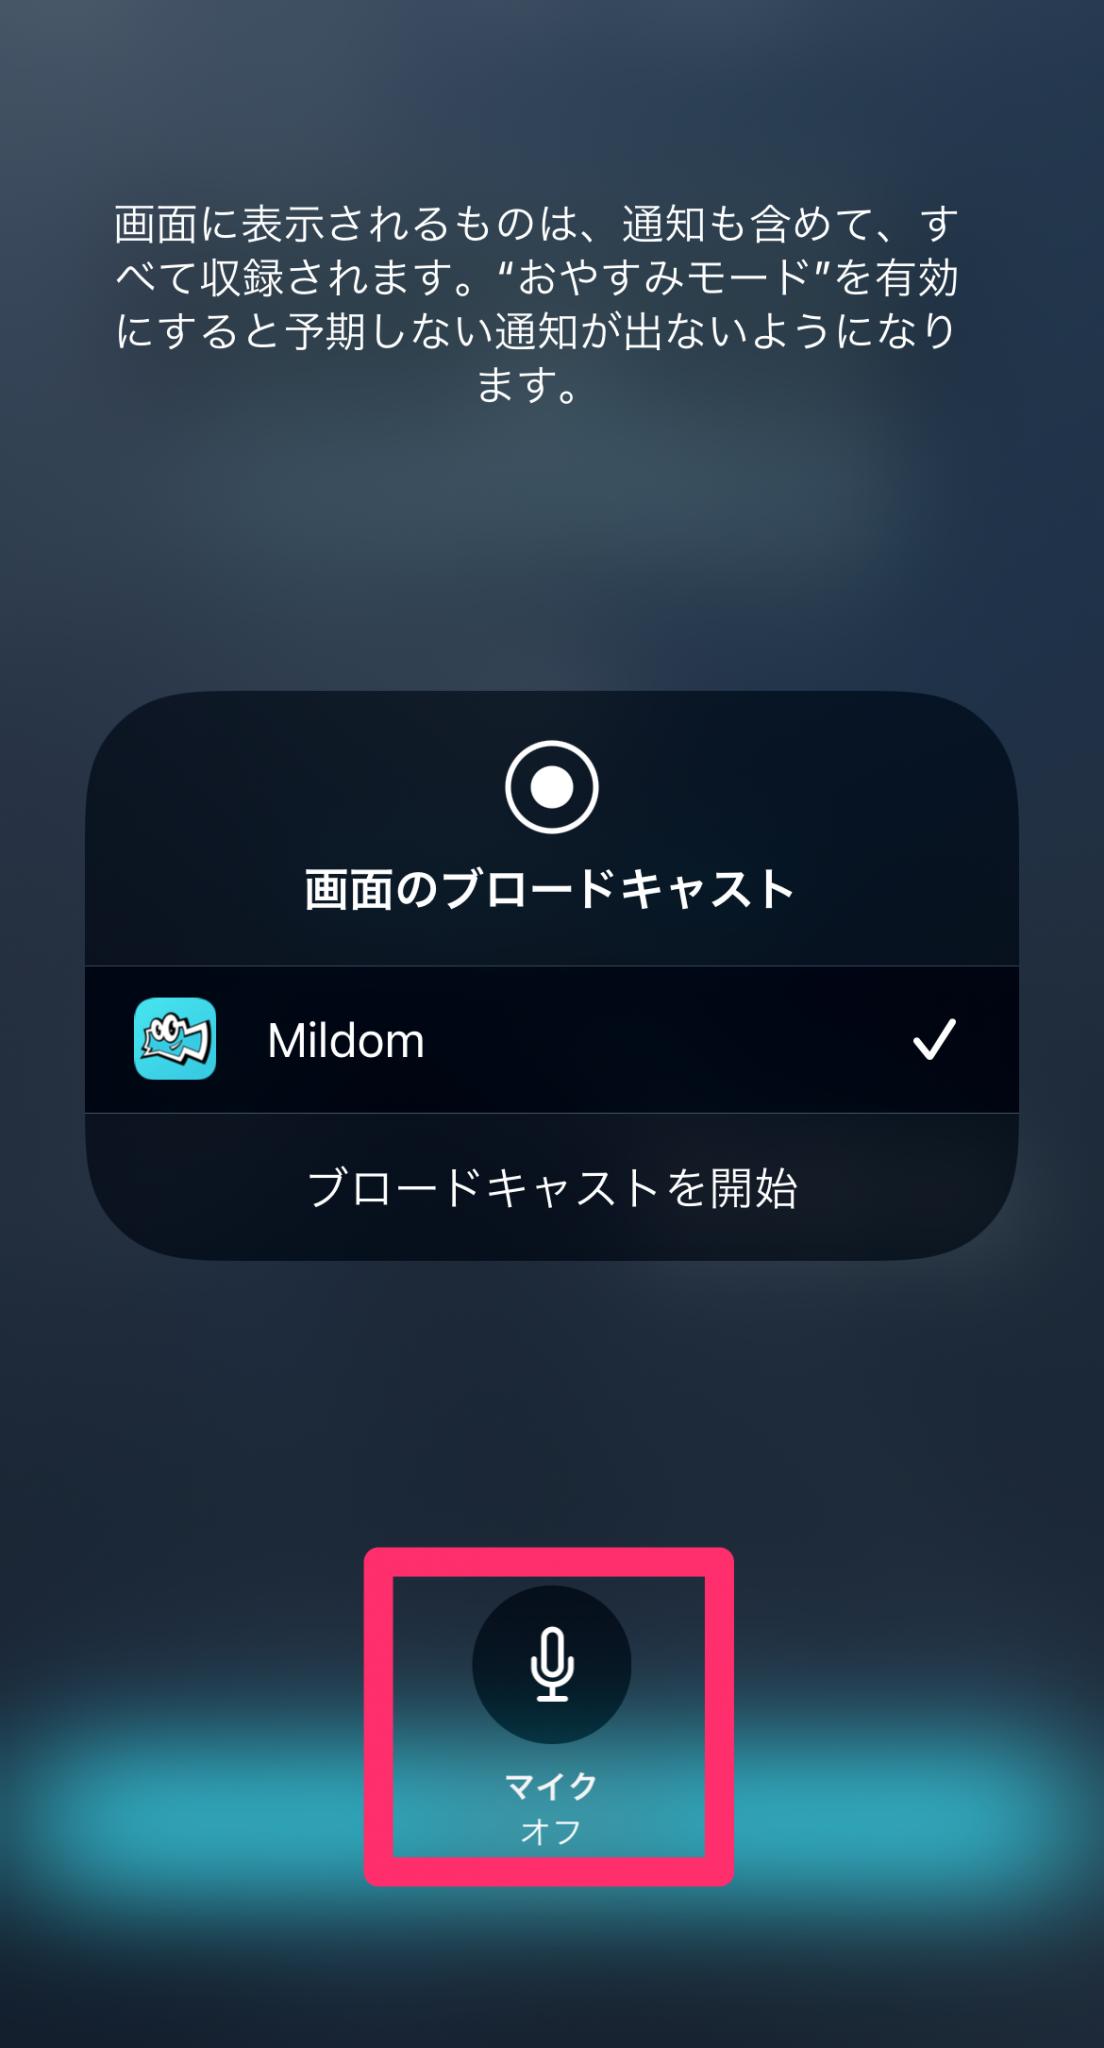 A.I.M.$(エイムズ)【攻略】:スマホ1つであなたも配信者に!Mildom(ミルダム)の魅力と使い方